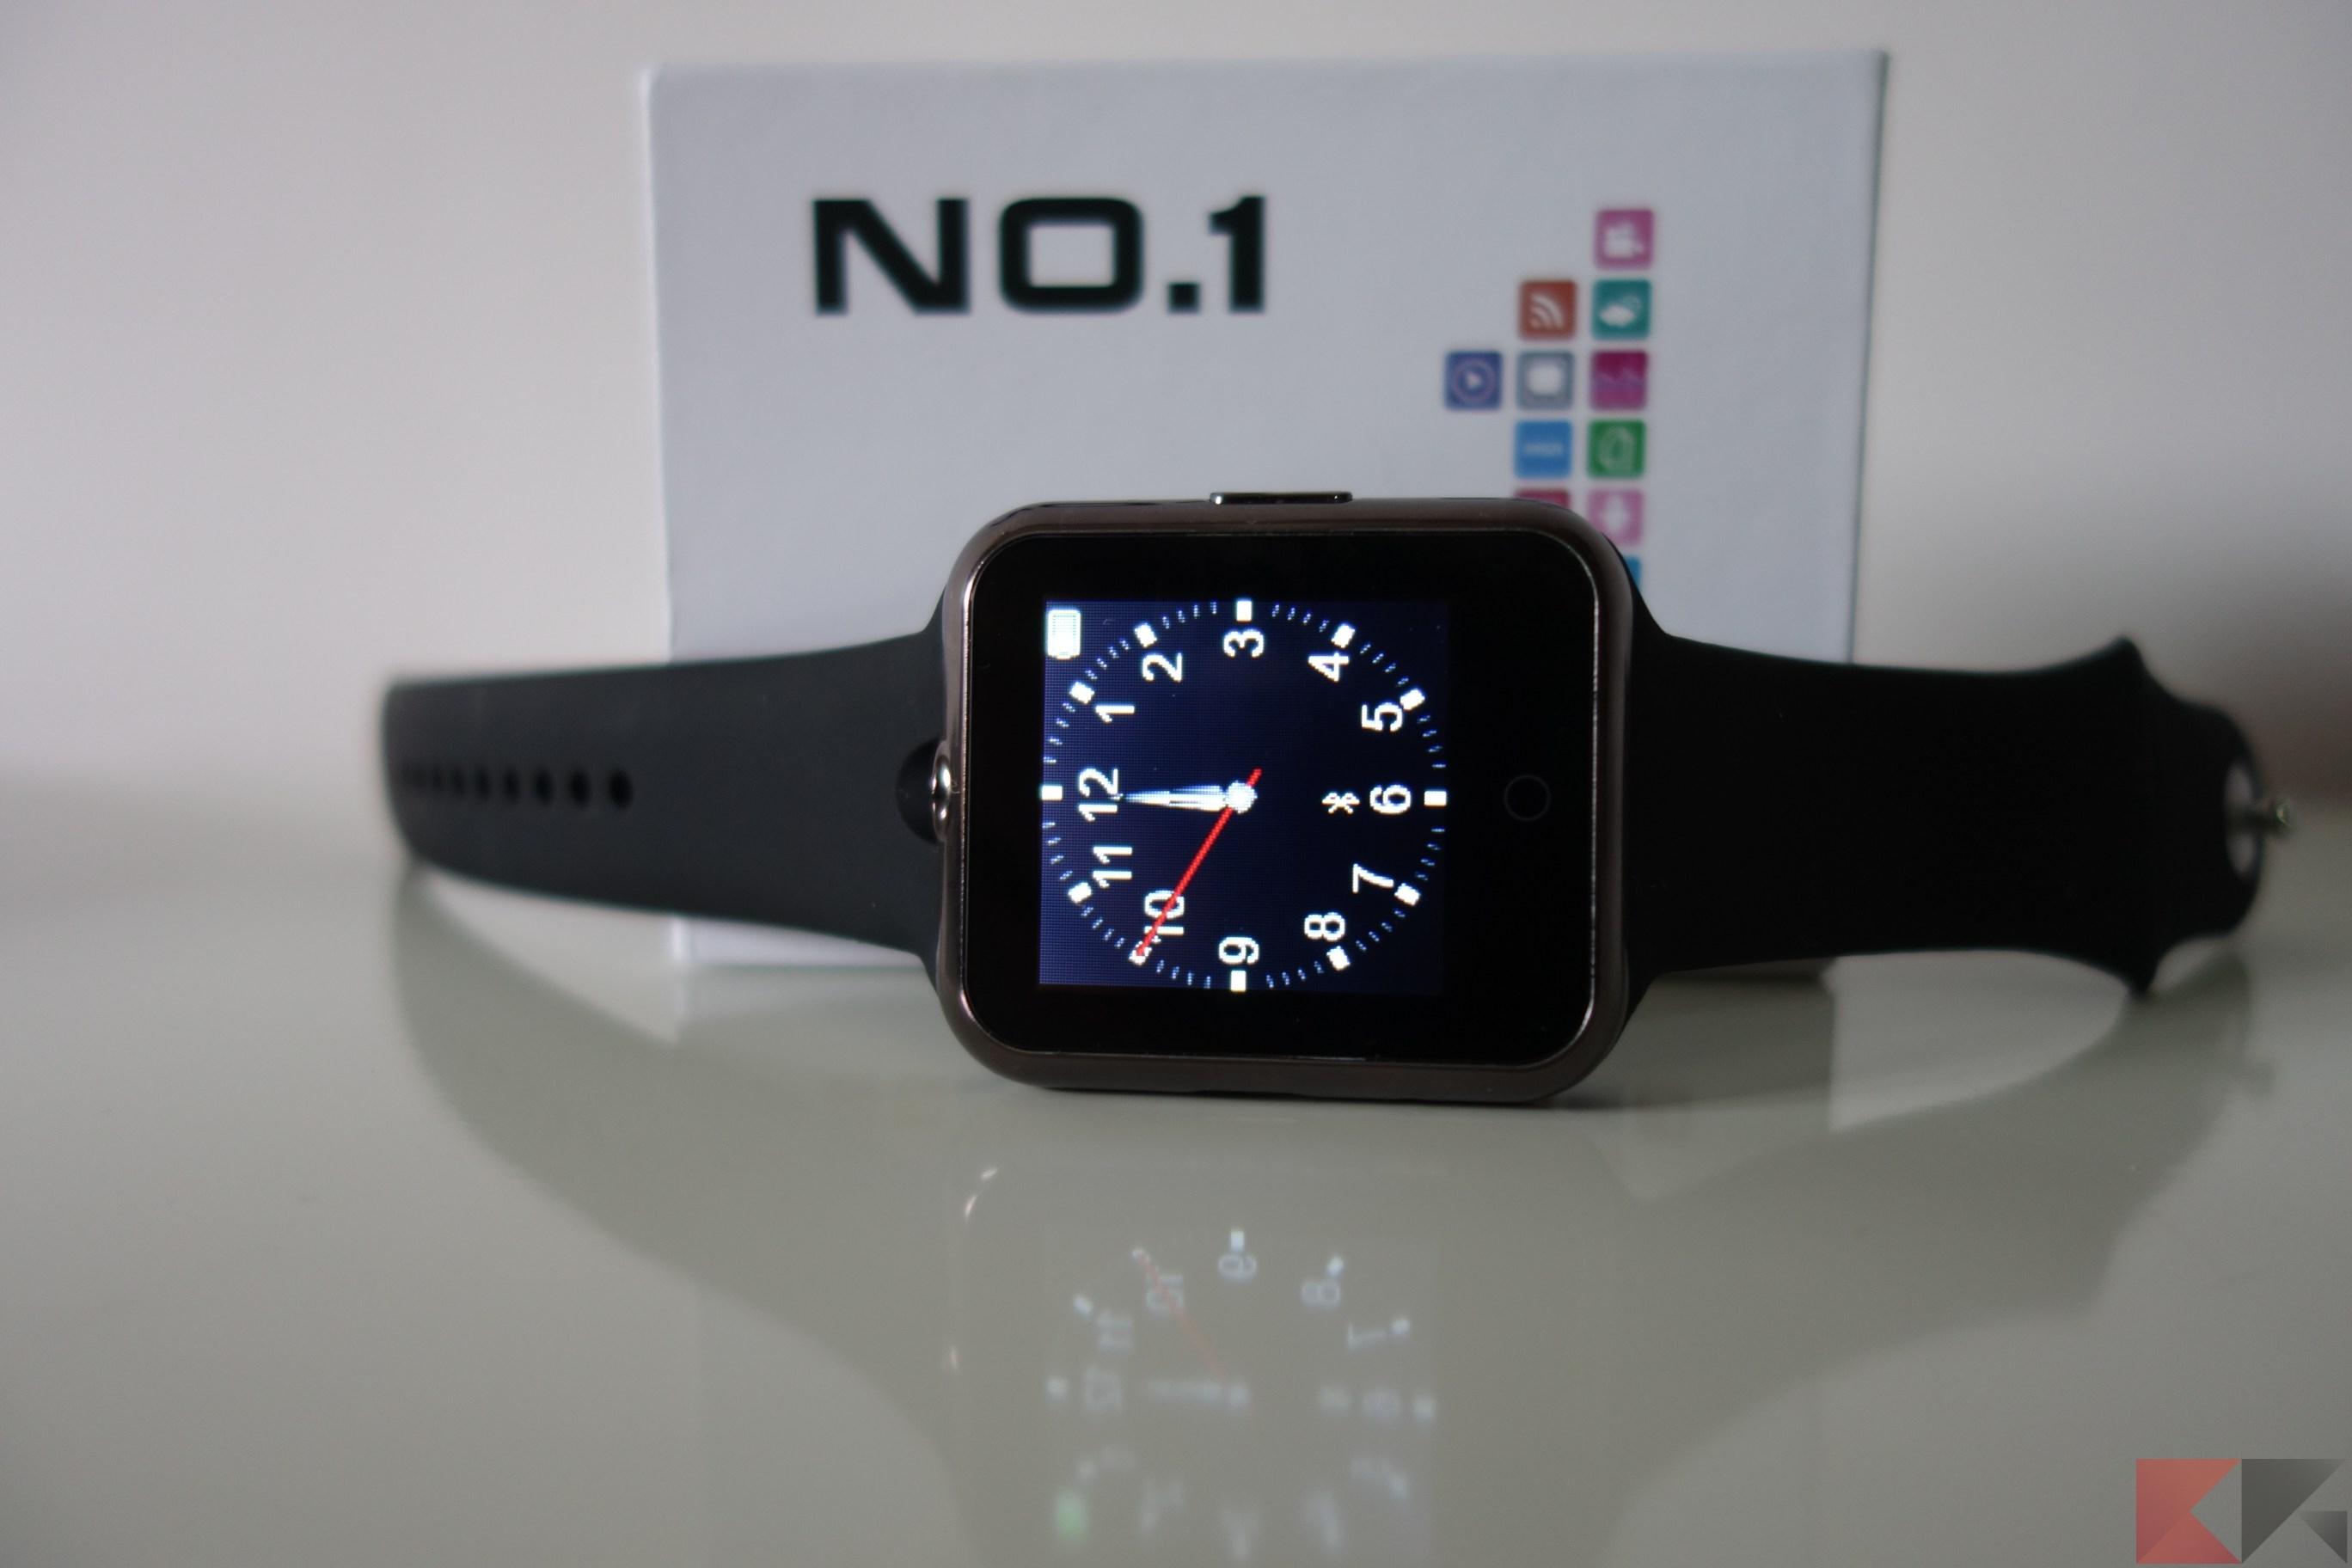 No. 1 D3 4